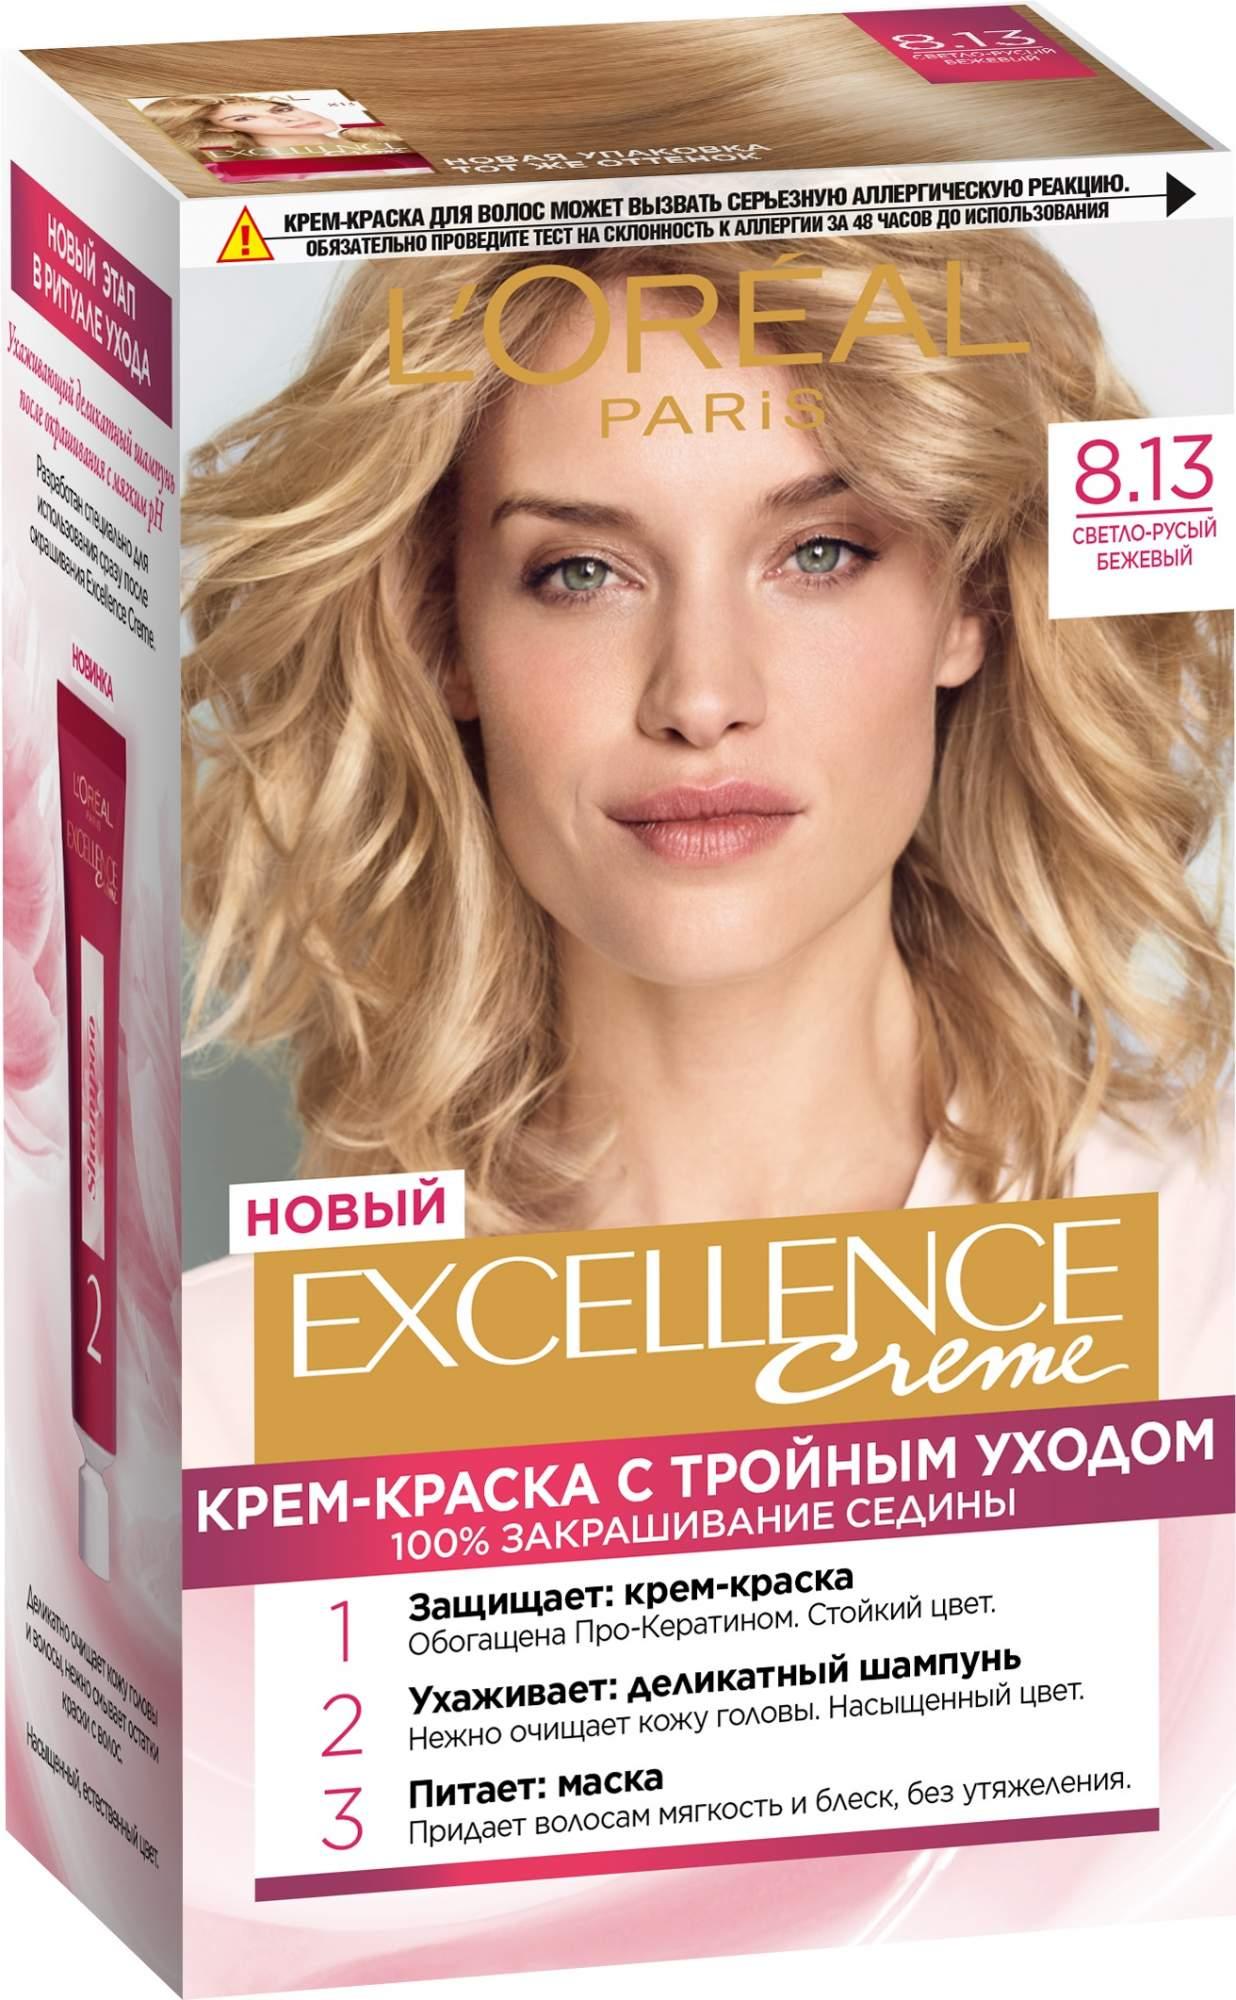 """Миниатюра Крем-краска для волос L'Oreal Excellence стойкая тон 8.13 """"Светло-русый бежевый"""" №1"""